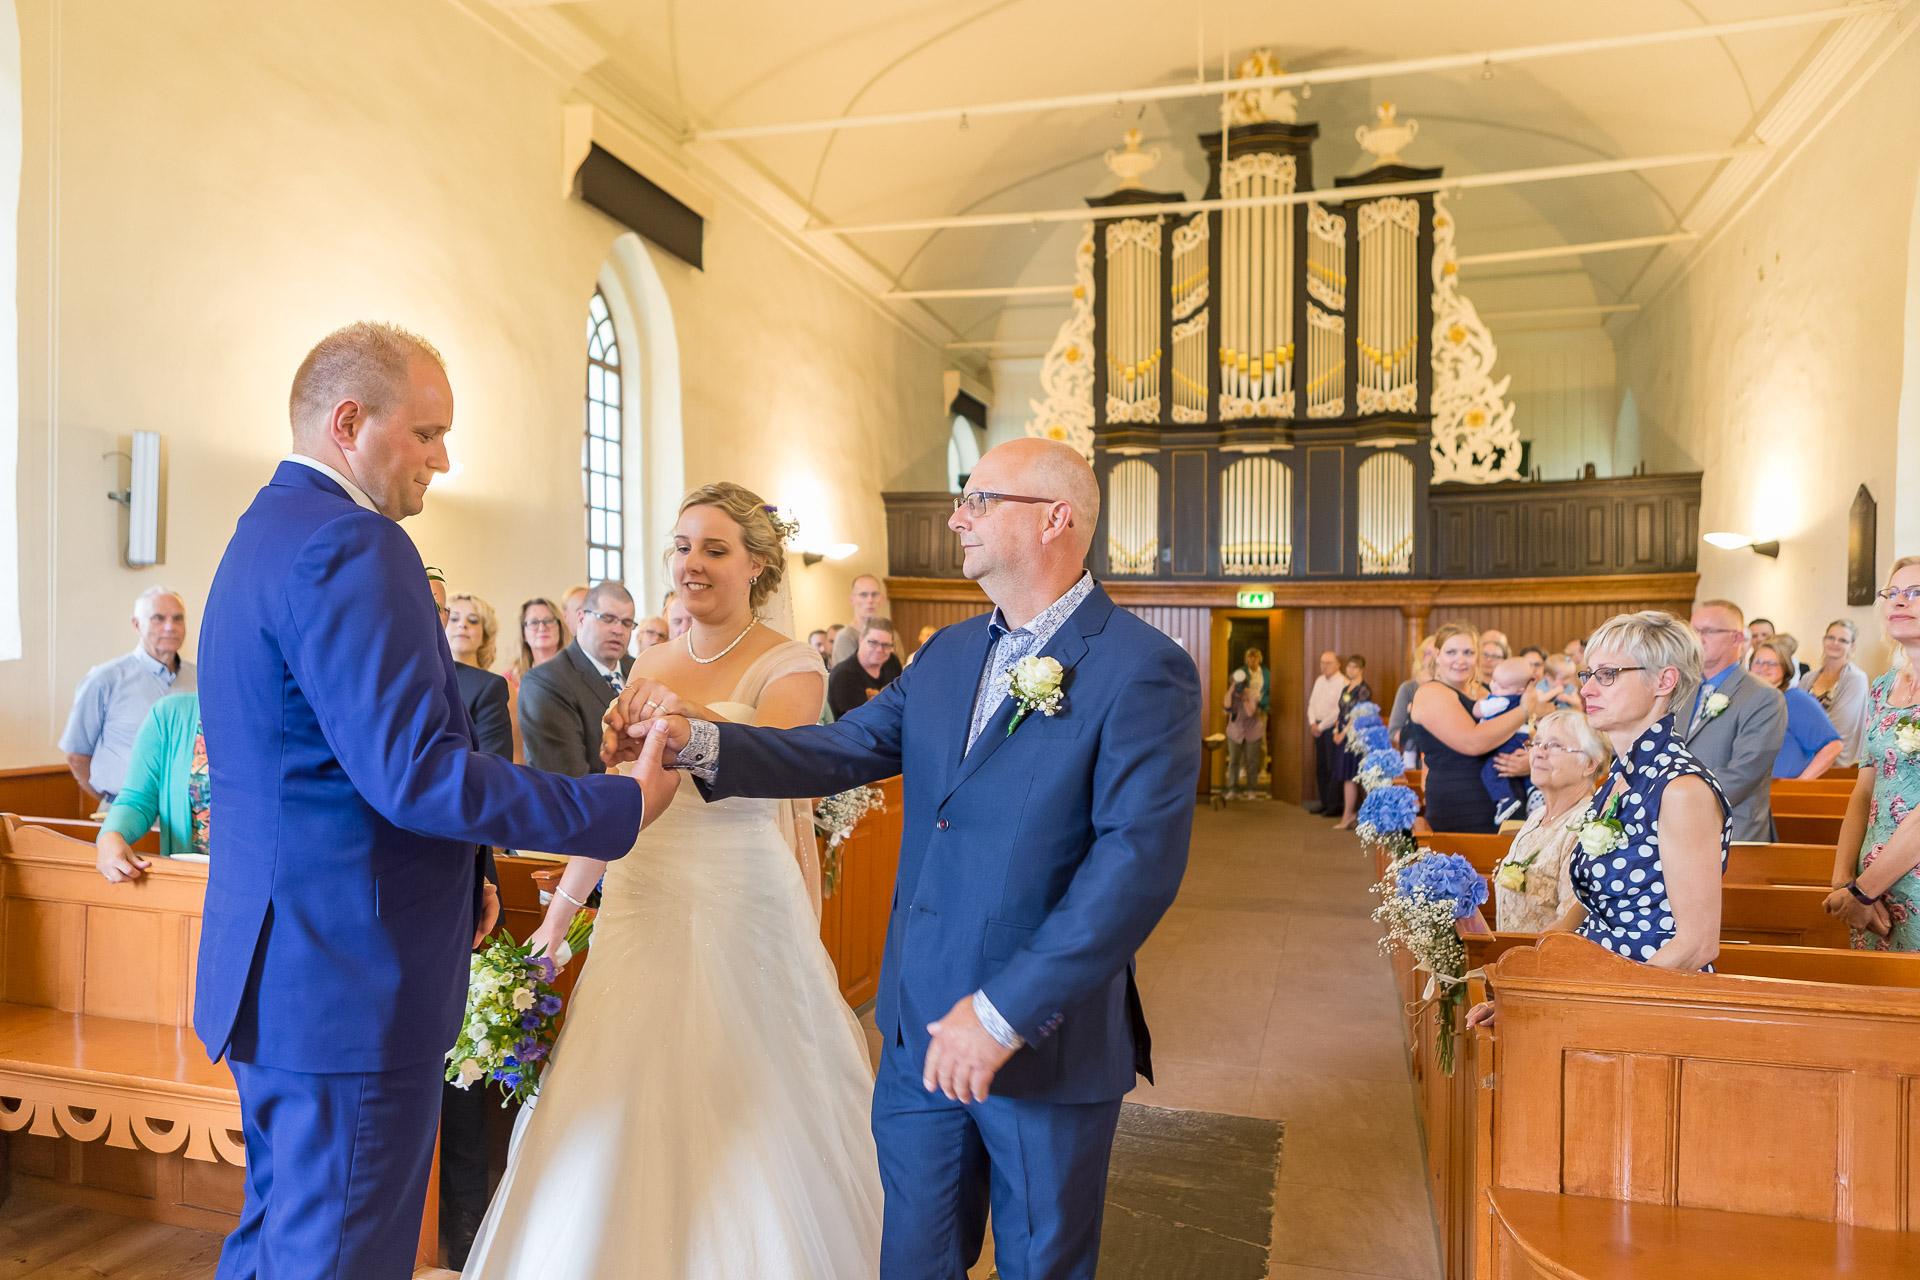 Trouwfotograaf-Bedum-Groningen-2018-KleijenVermistFotografie-KleijenCo